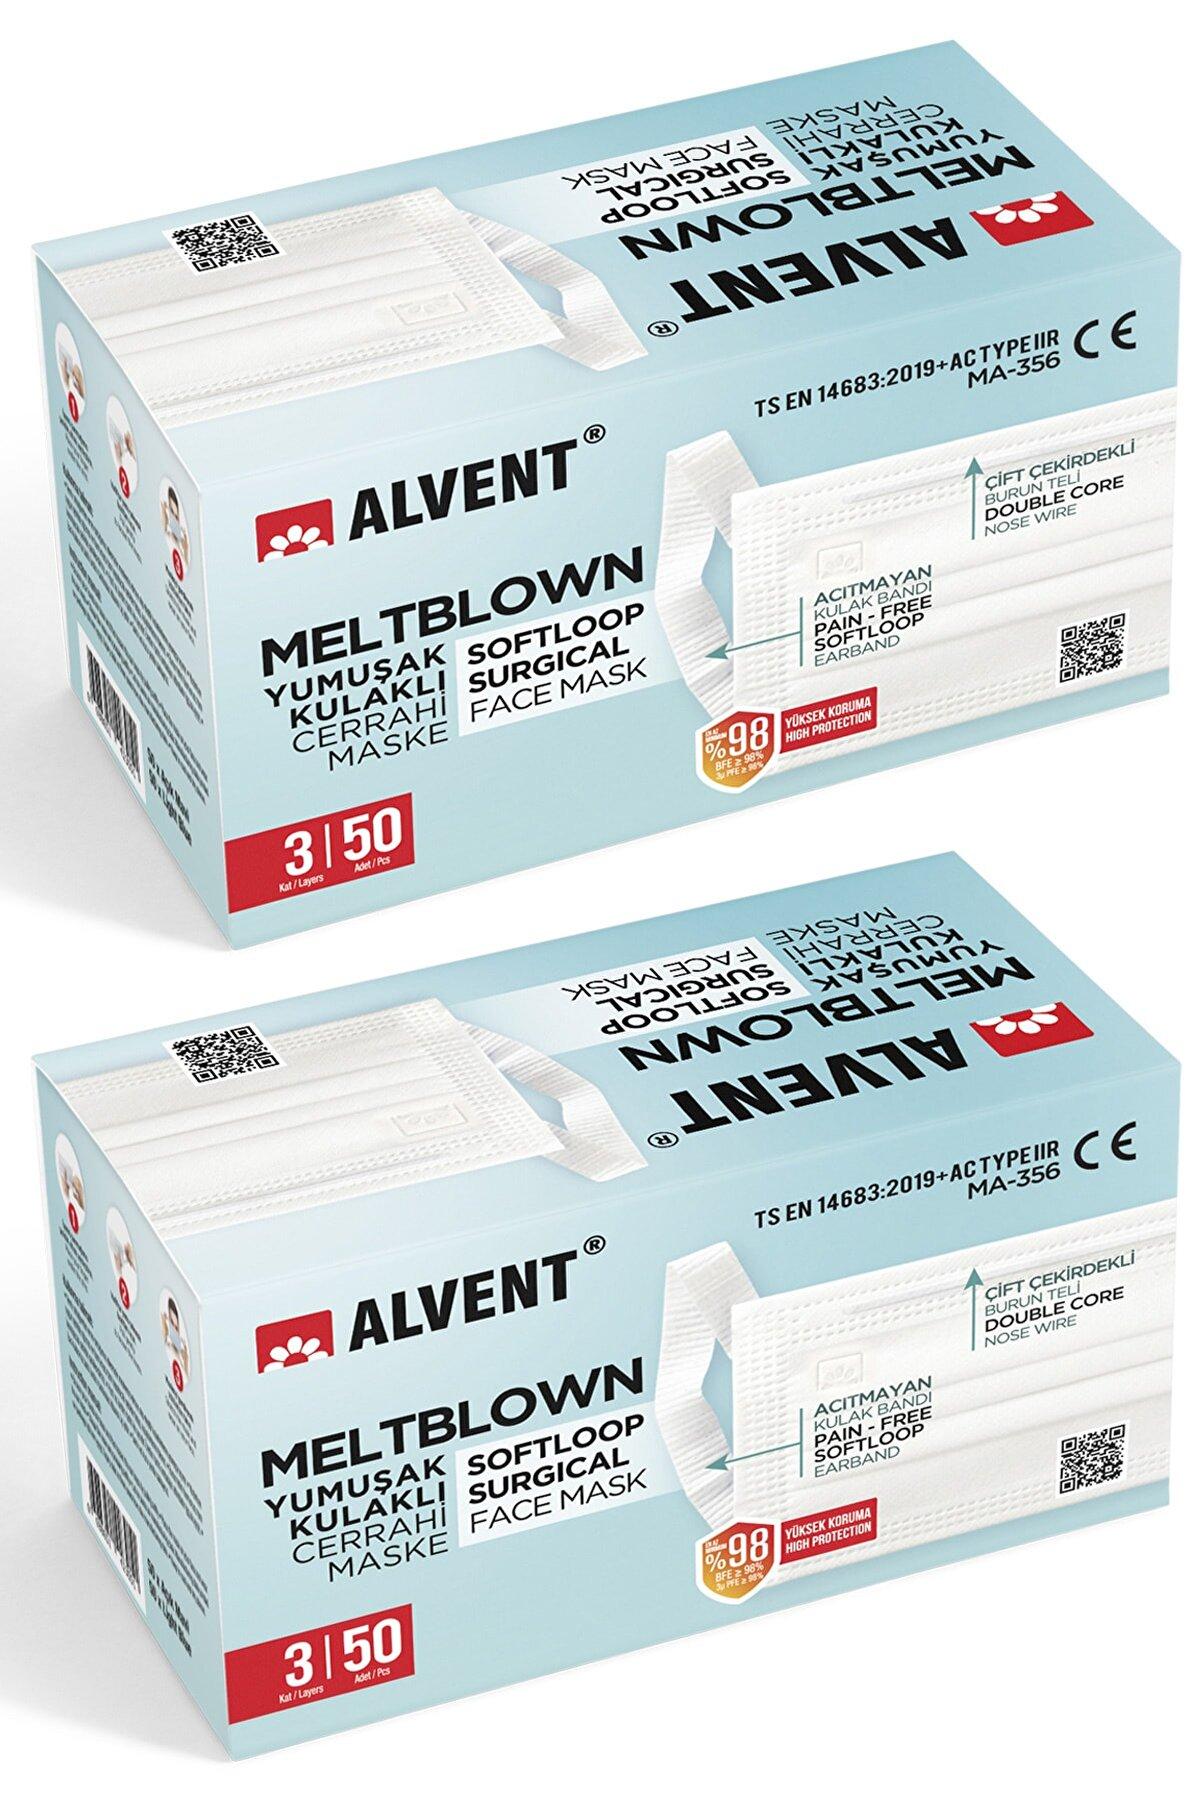 ALVENT Yumuşak Kulaklı Meltblown Maske 100 Adet - Tıp2r - ( En Az %98 Koruma - Sertifikalı ) - Beyaz